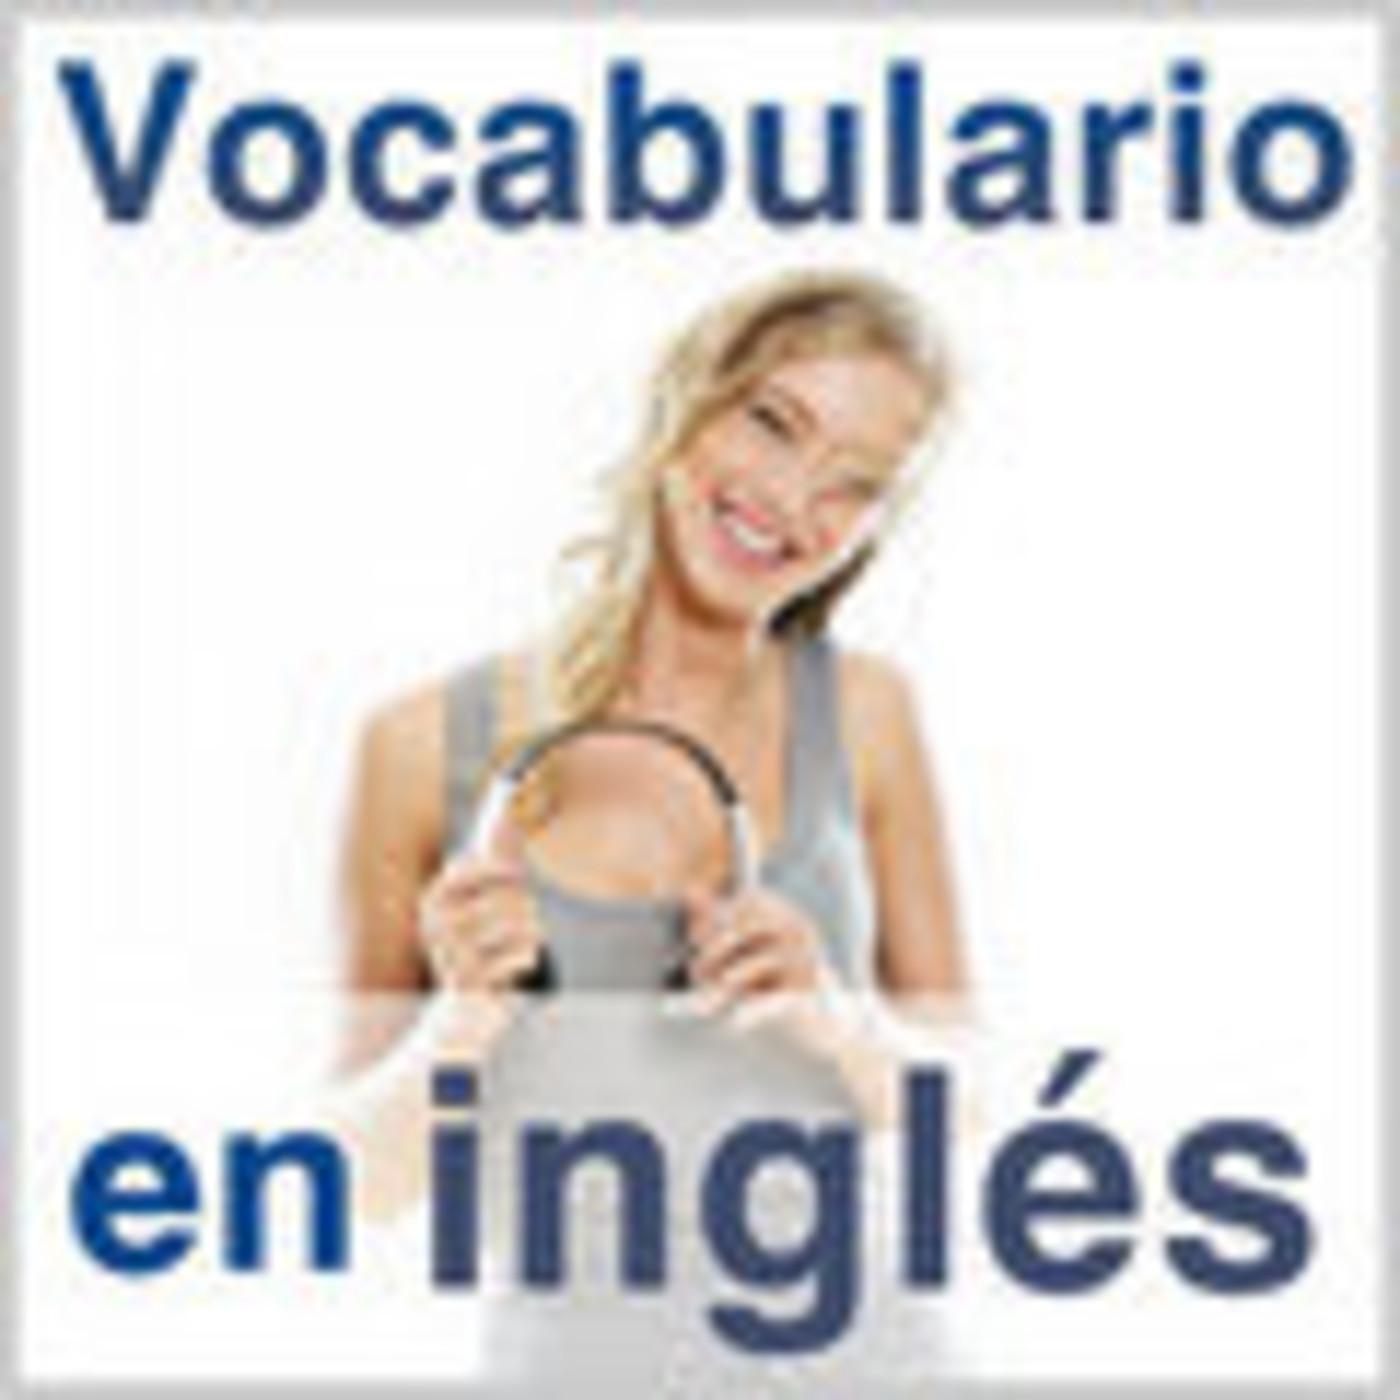 Inglés.fm Podcasts en inglés